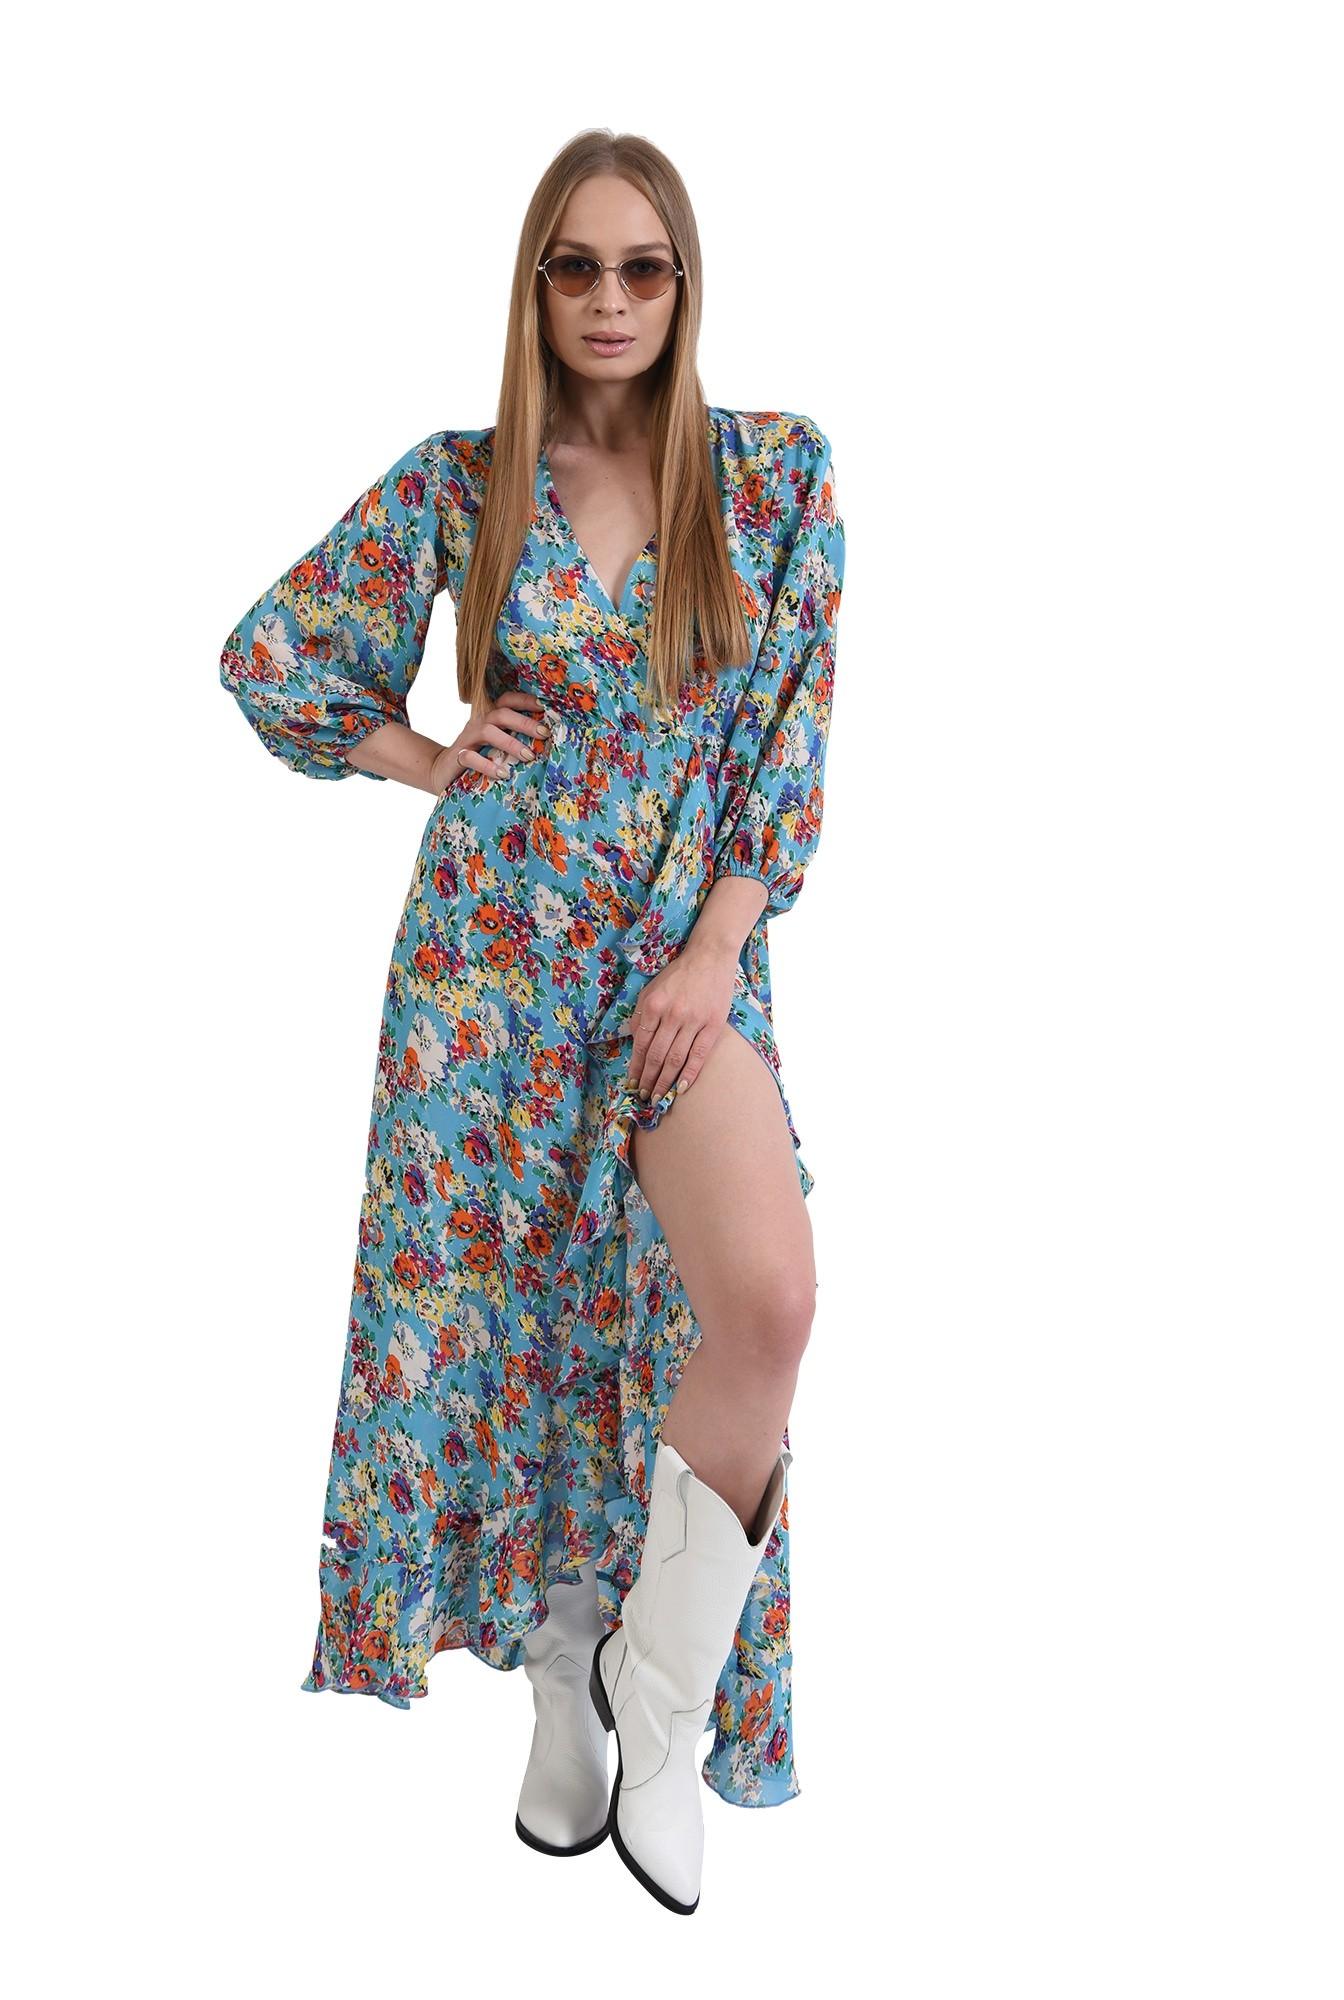 rochie cu motive florale, cu maneca voluminoasa